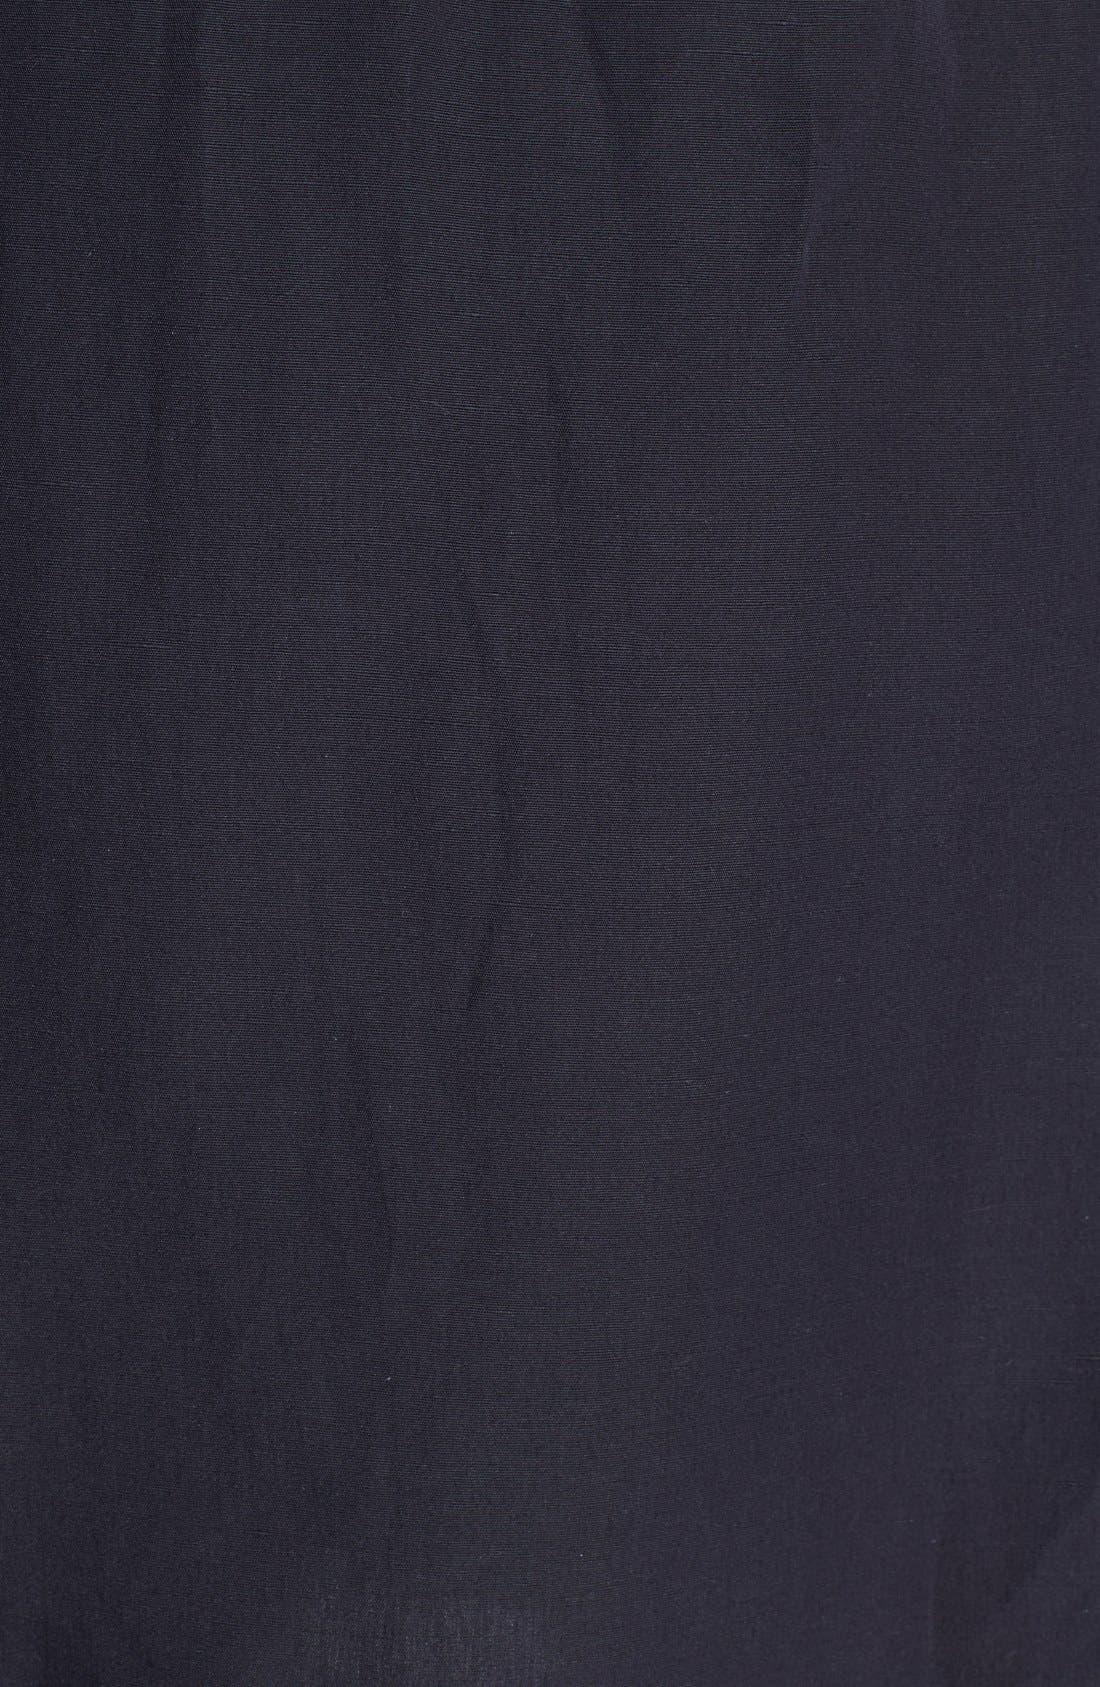 Alternate Image 3  - A.P.C. Drawstring Linen Blend Skirt